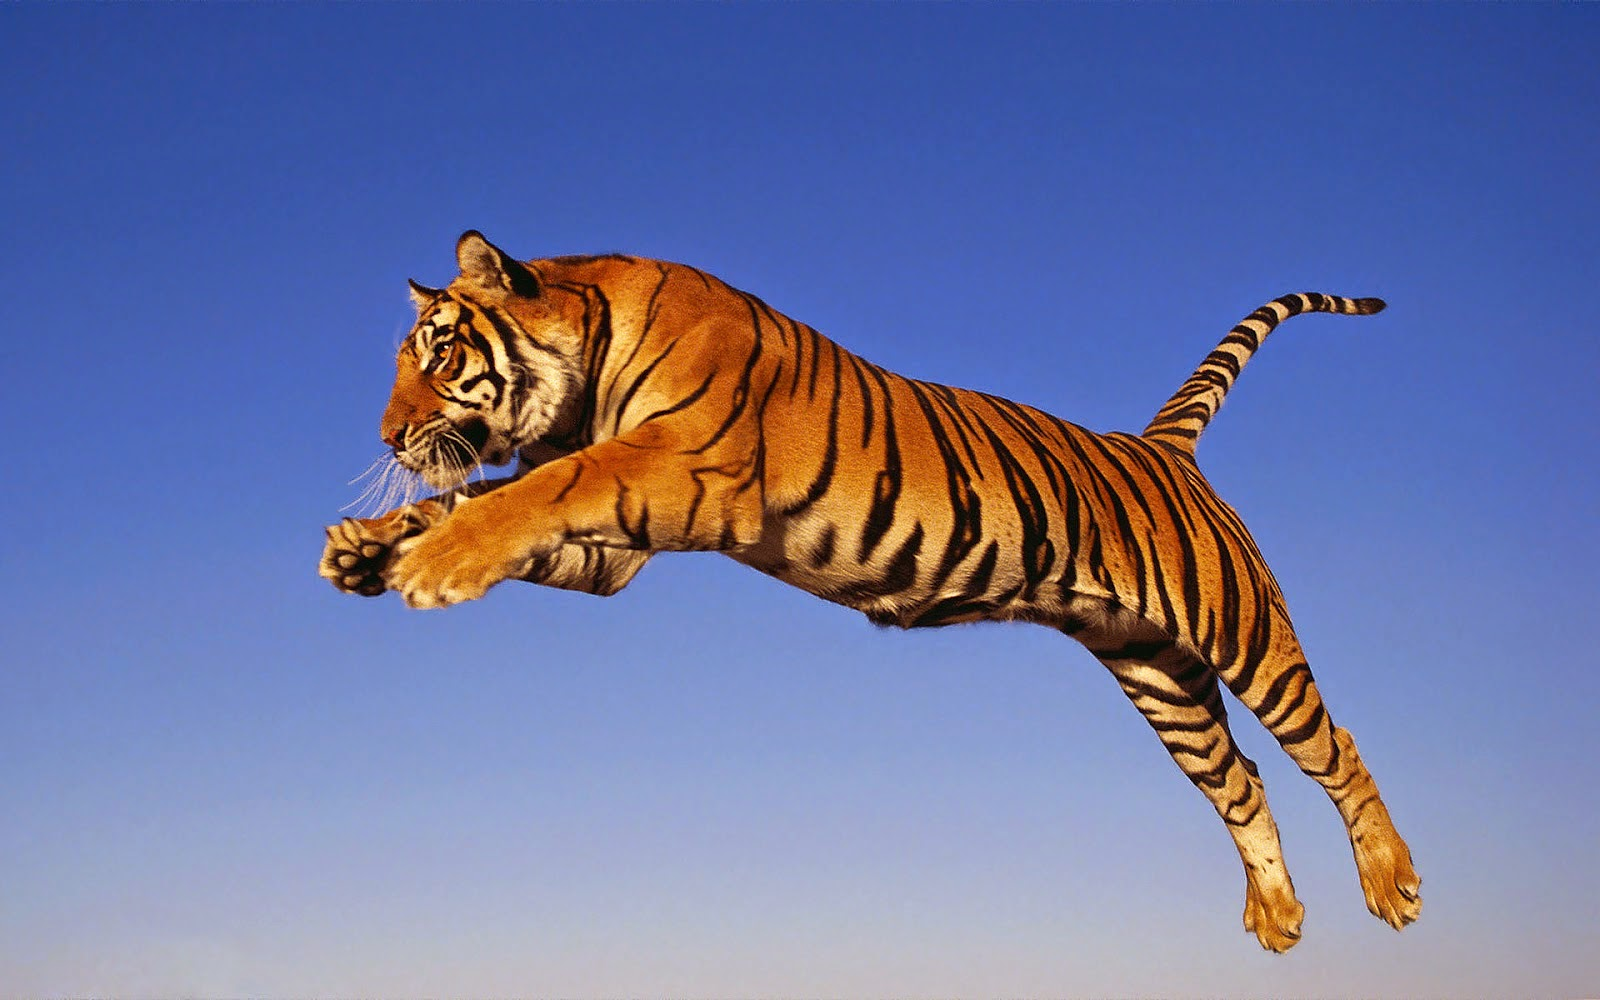 Jumping tiger photo